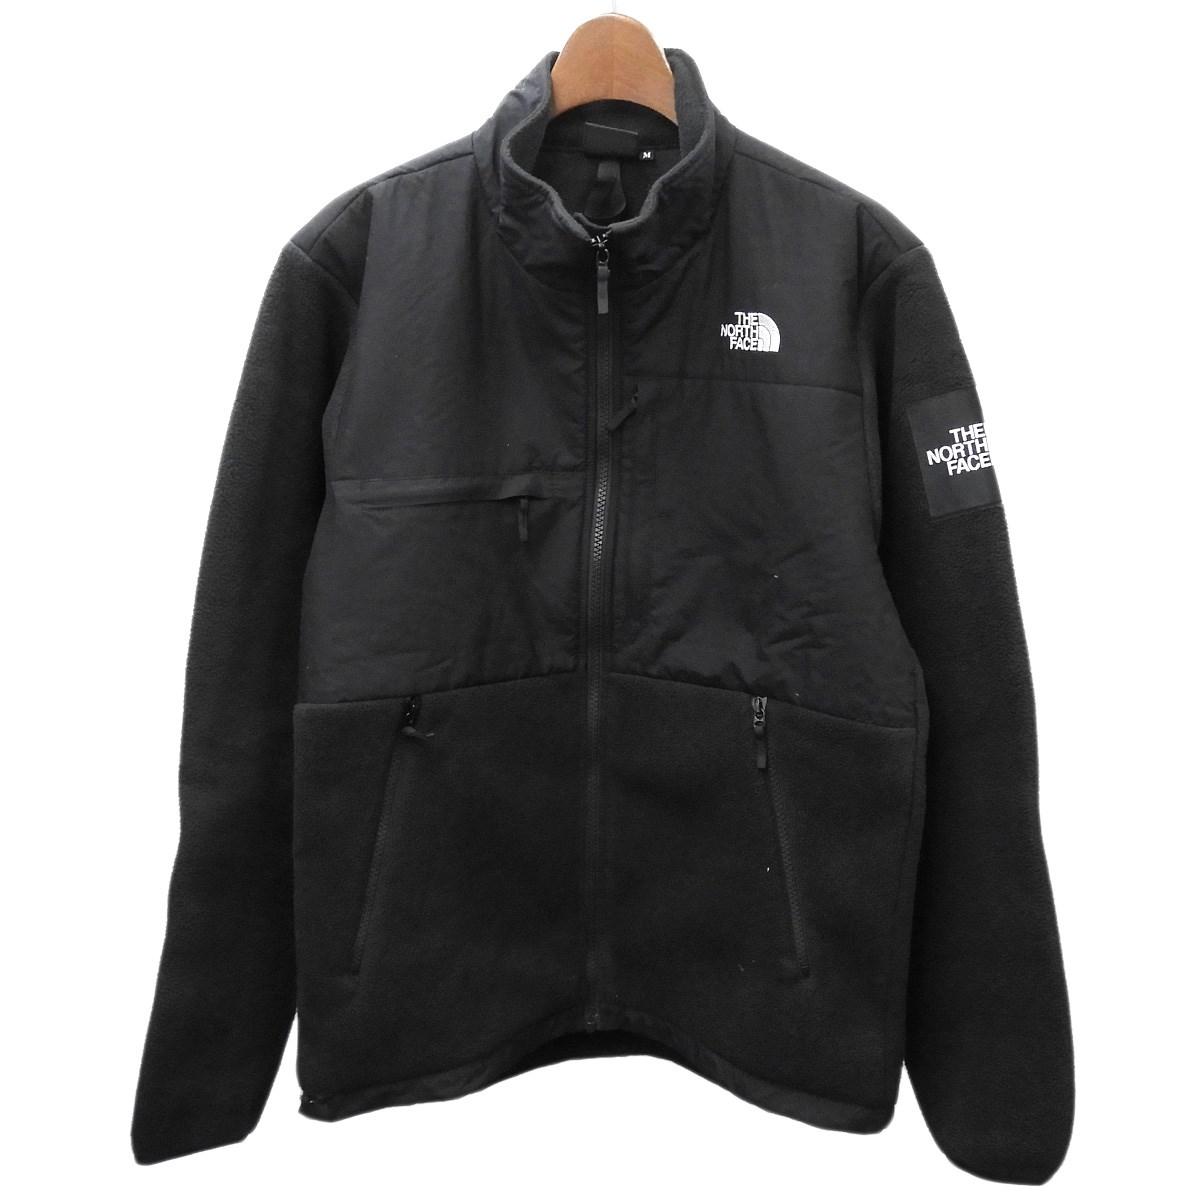 【中古】THE NORTH FACE 「Denali Jacket」フリースデナリジャケット ブラック サイズ:M 【100320】(ザノースフェイス)